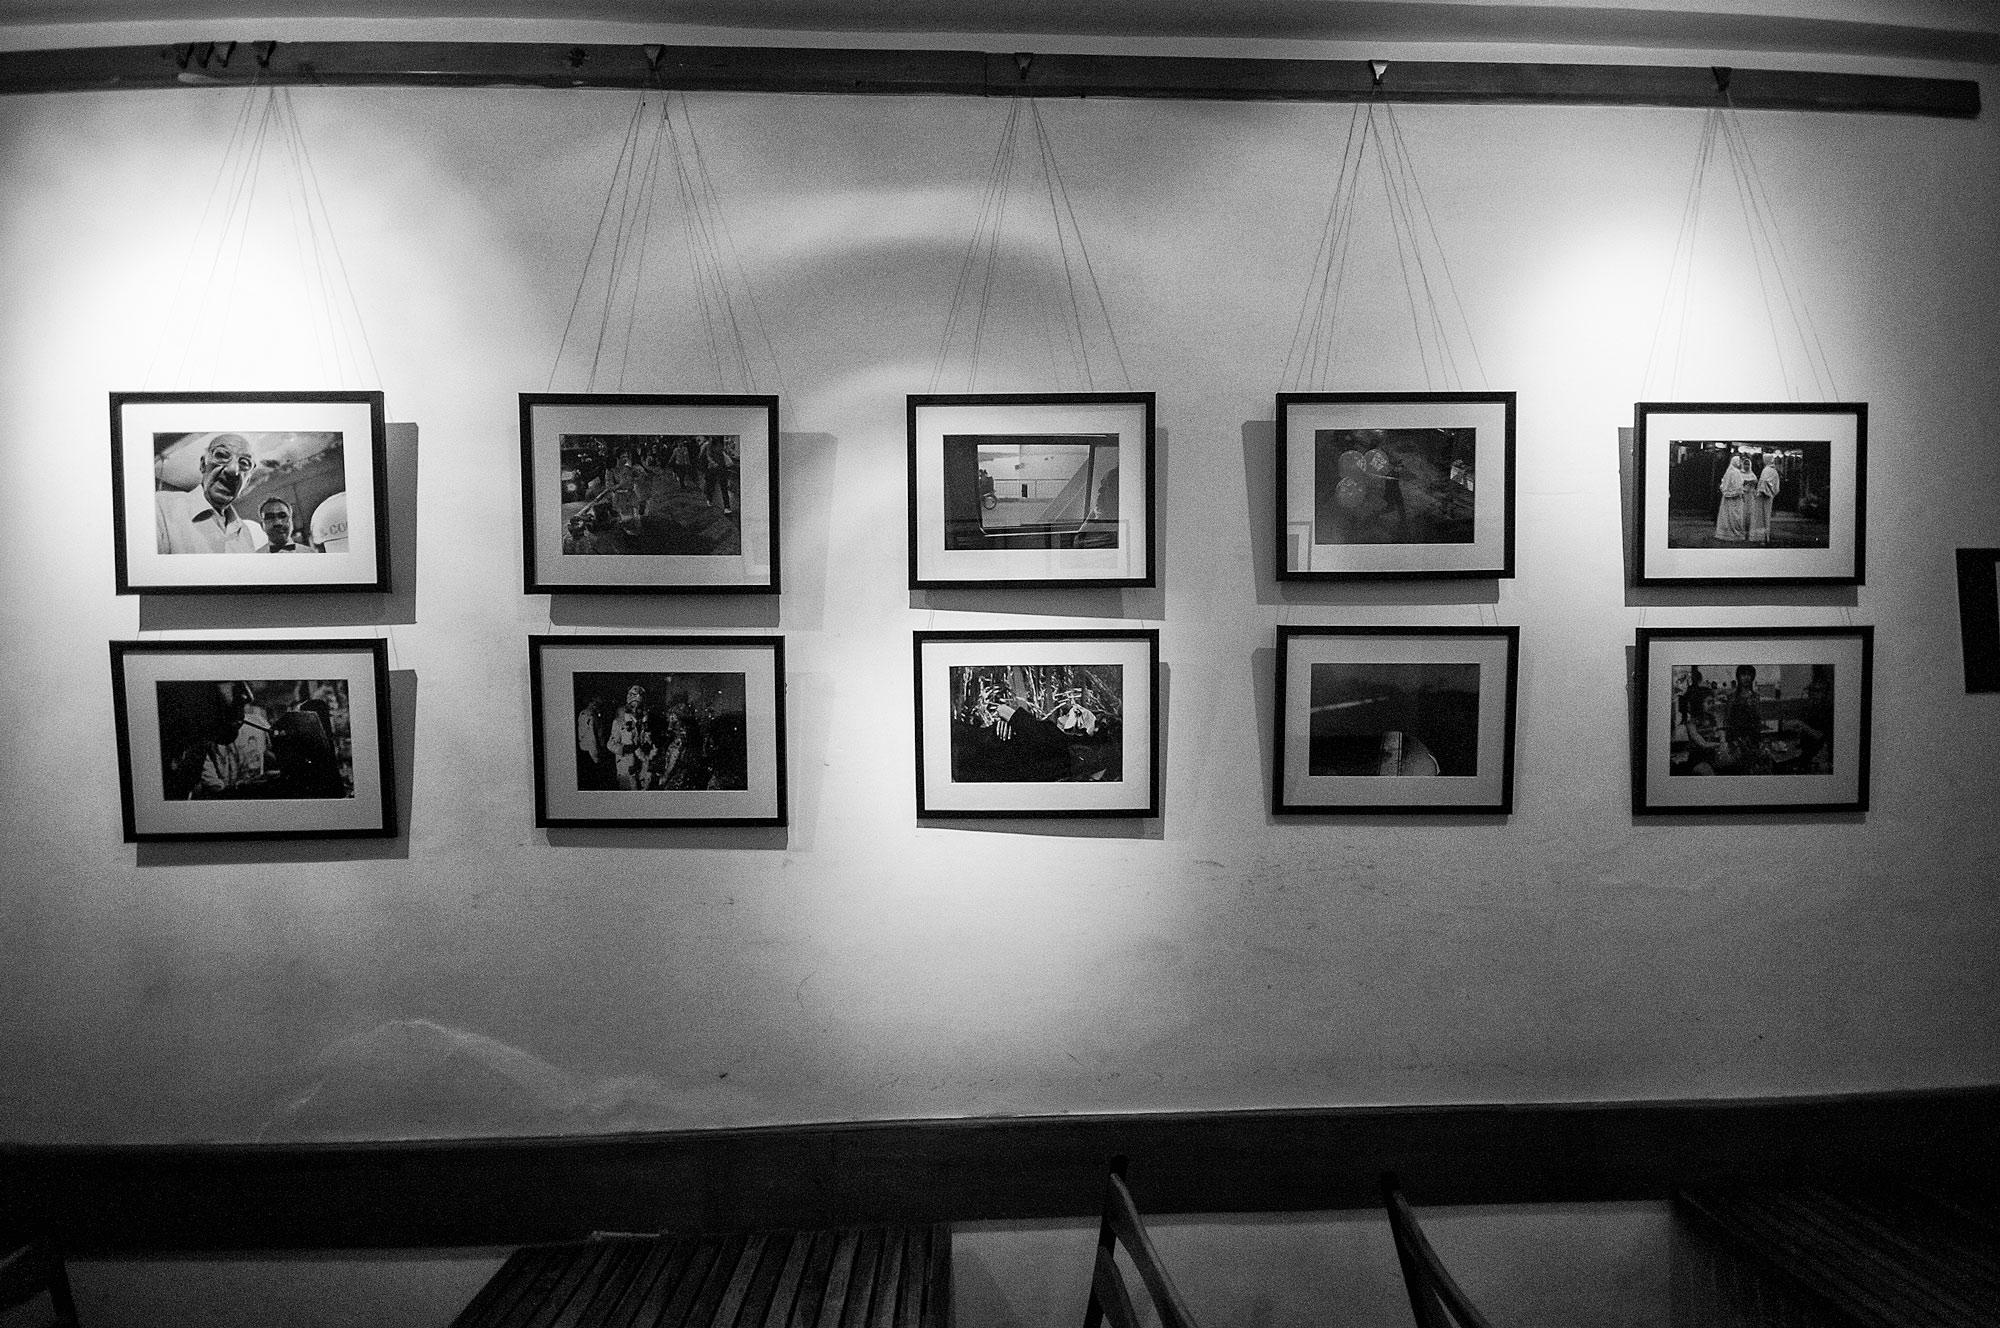 gallery moonspeak dharamshala india 2010